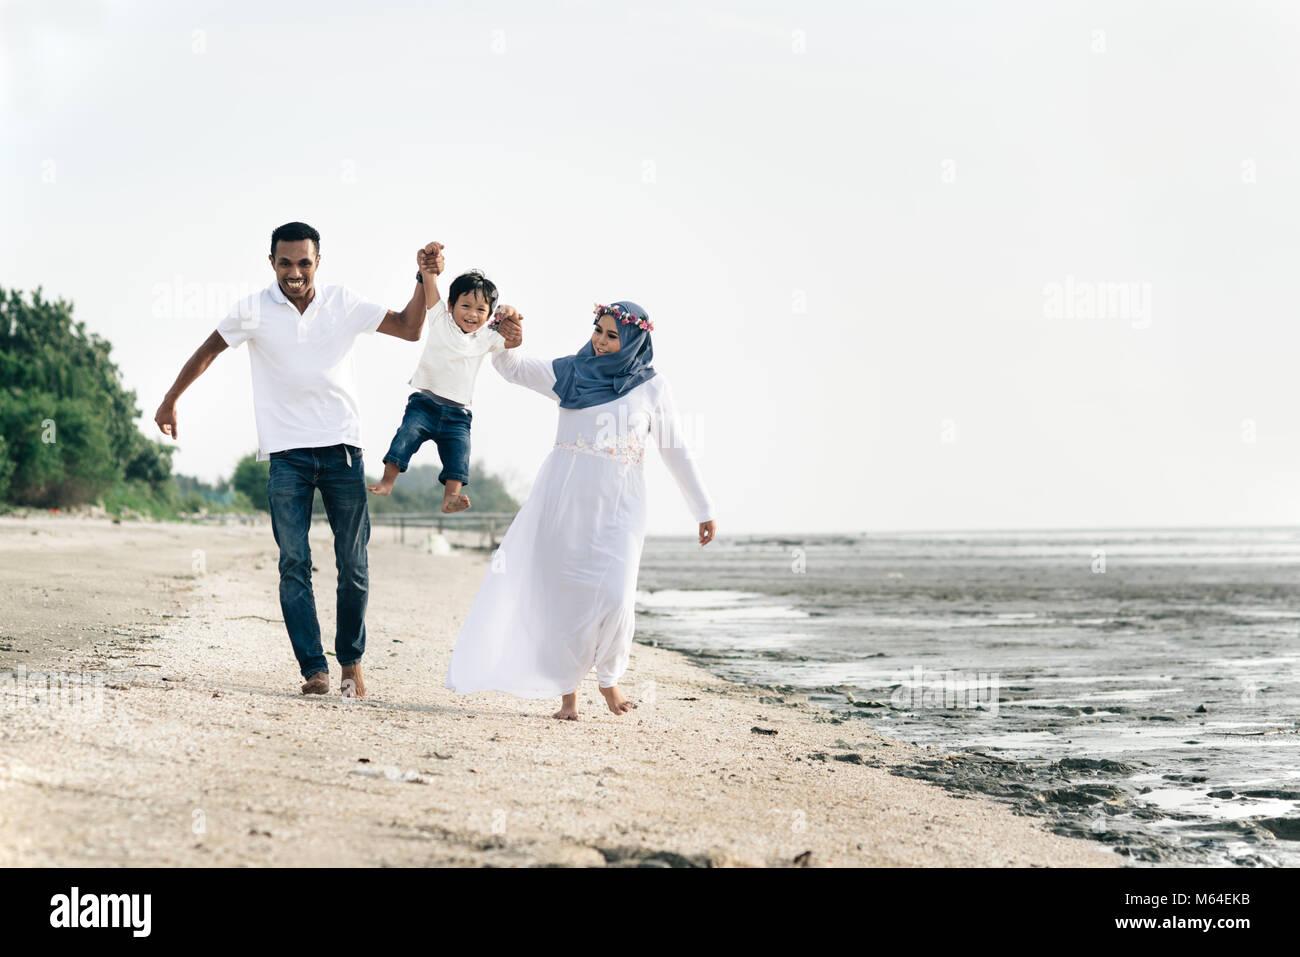 Glückliche Familie Spaß an der schlammigen Strand von Pantai remis, Selangor, Malaysia. Familienkonzept Stockbild